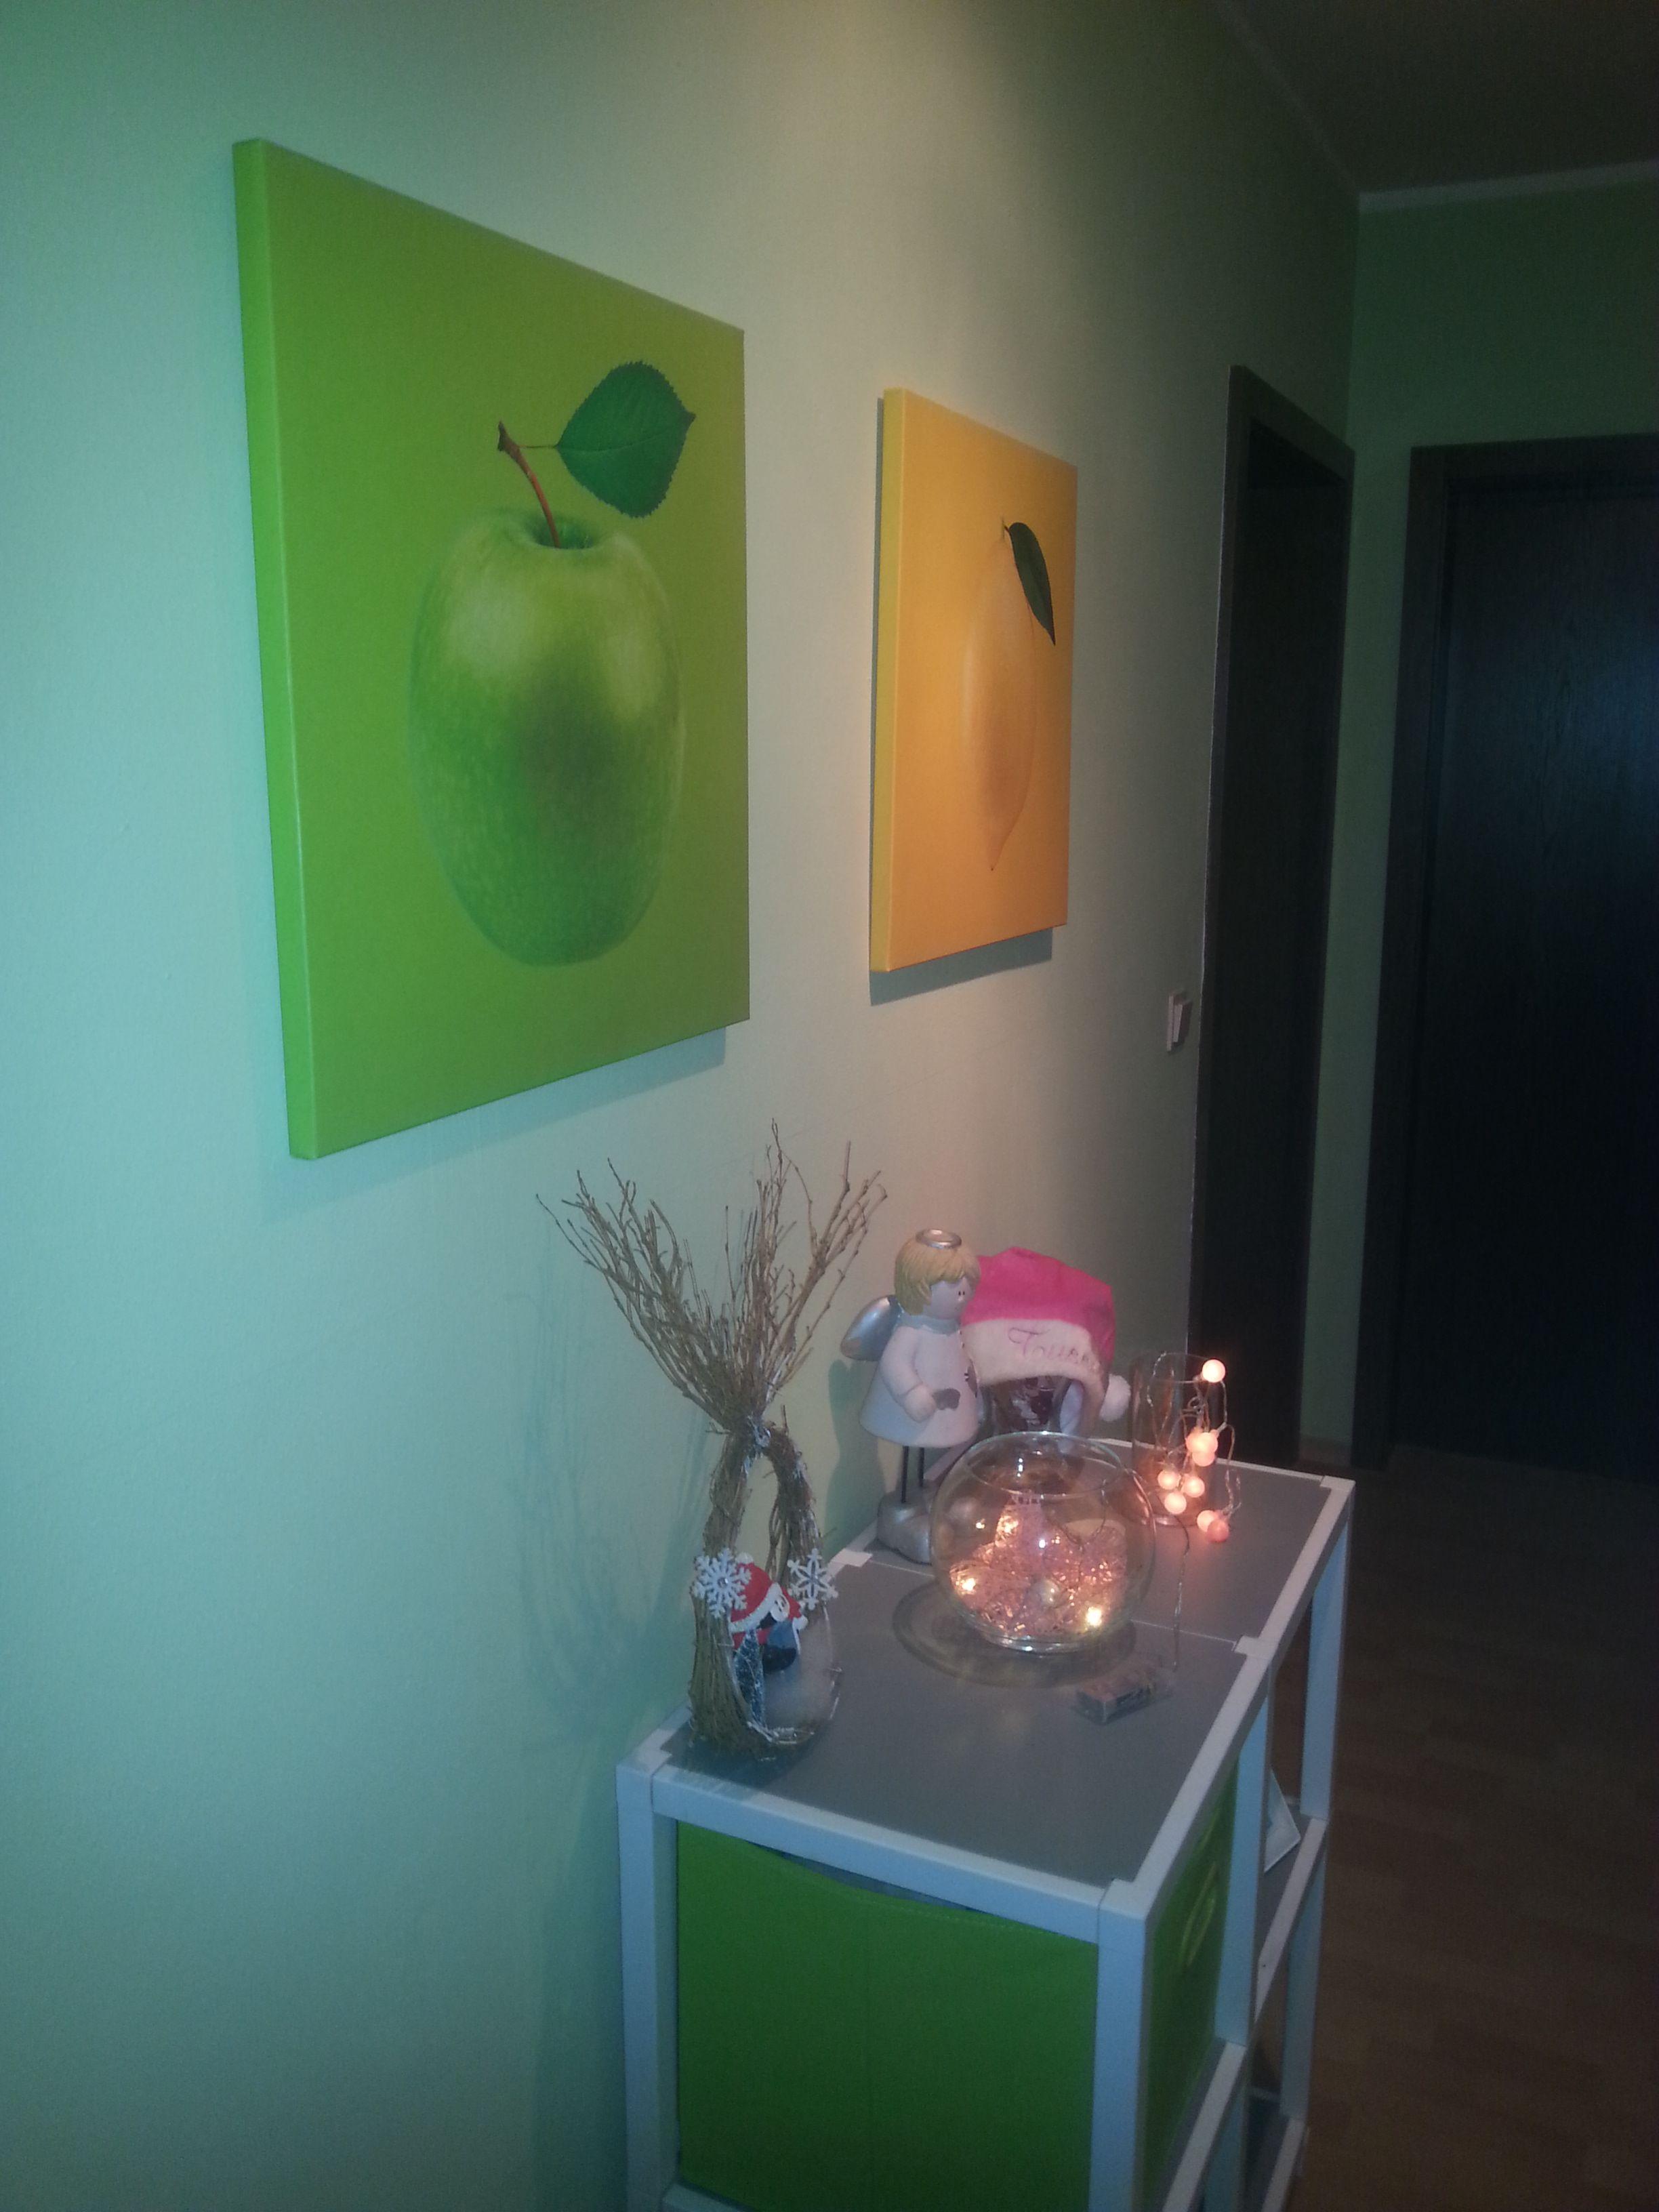 alpina feine farben erwachen des fr hlings leuchtet jetzt in unserer wohnung feine farben. Black Bedroom Furniture Sets. Home Design Ideas